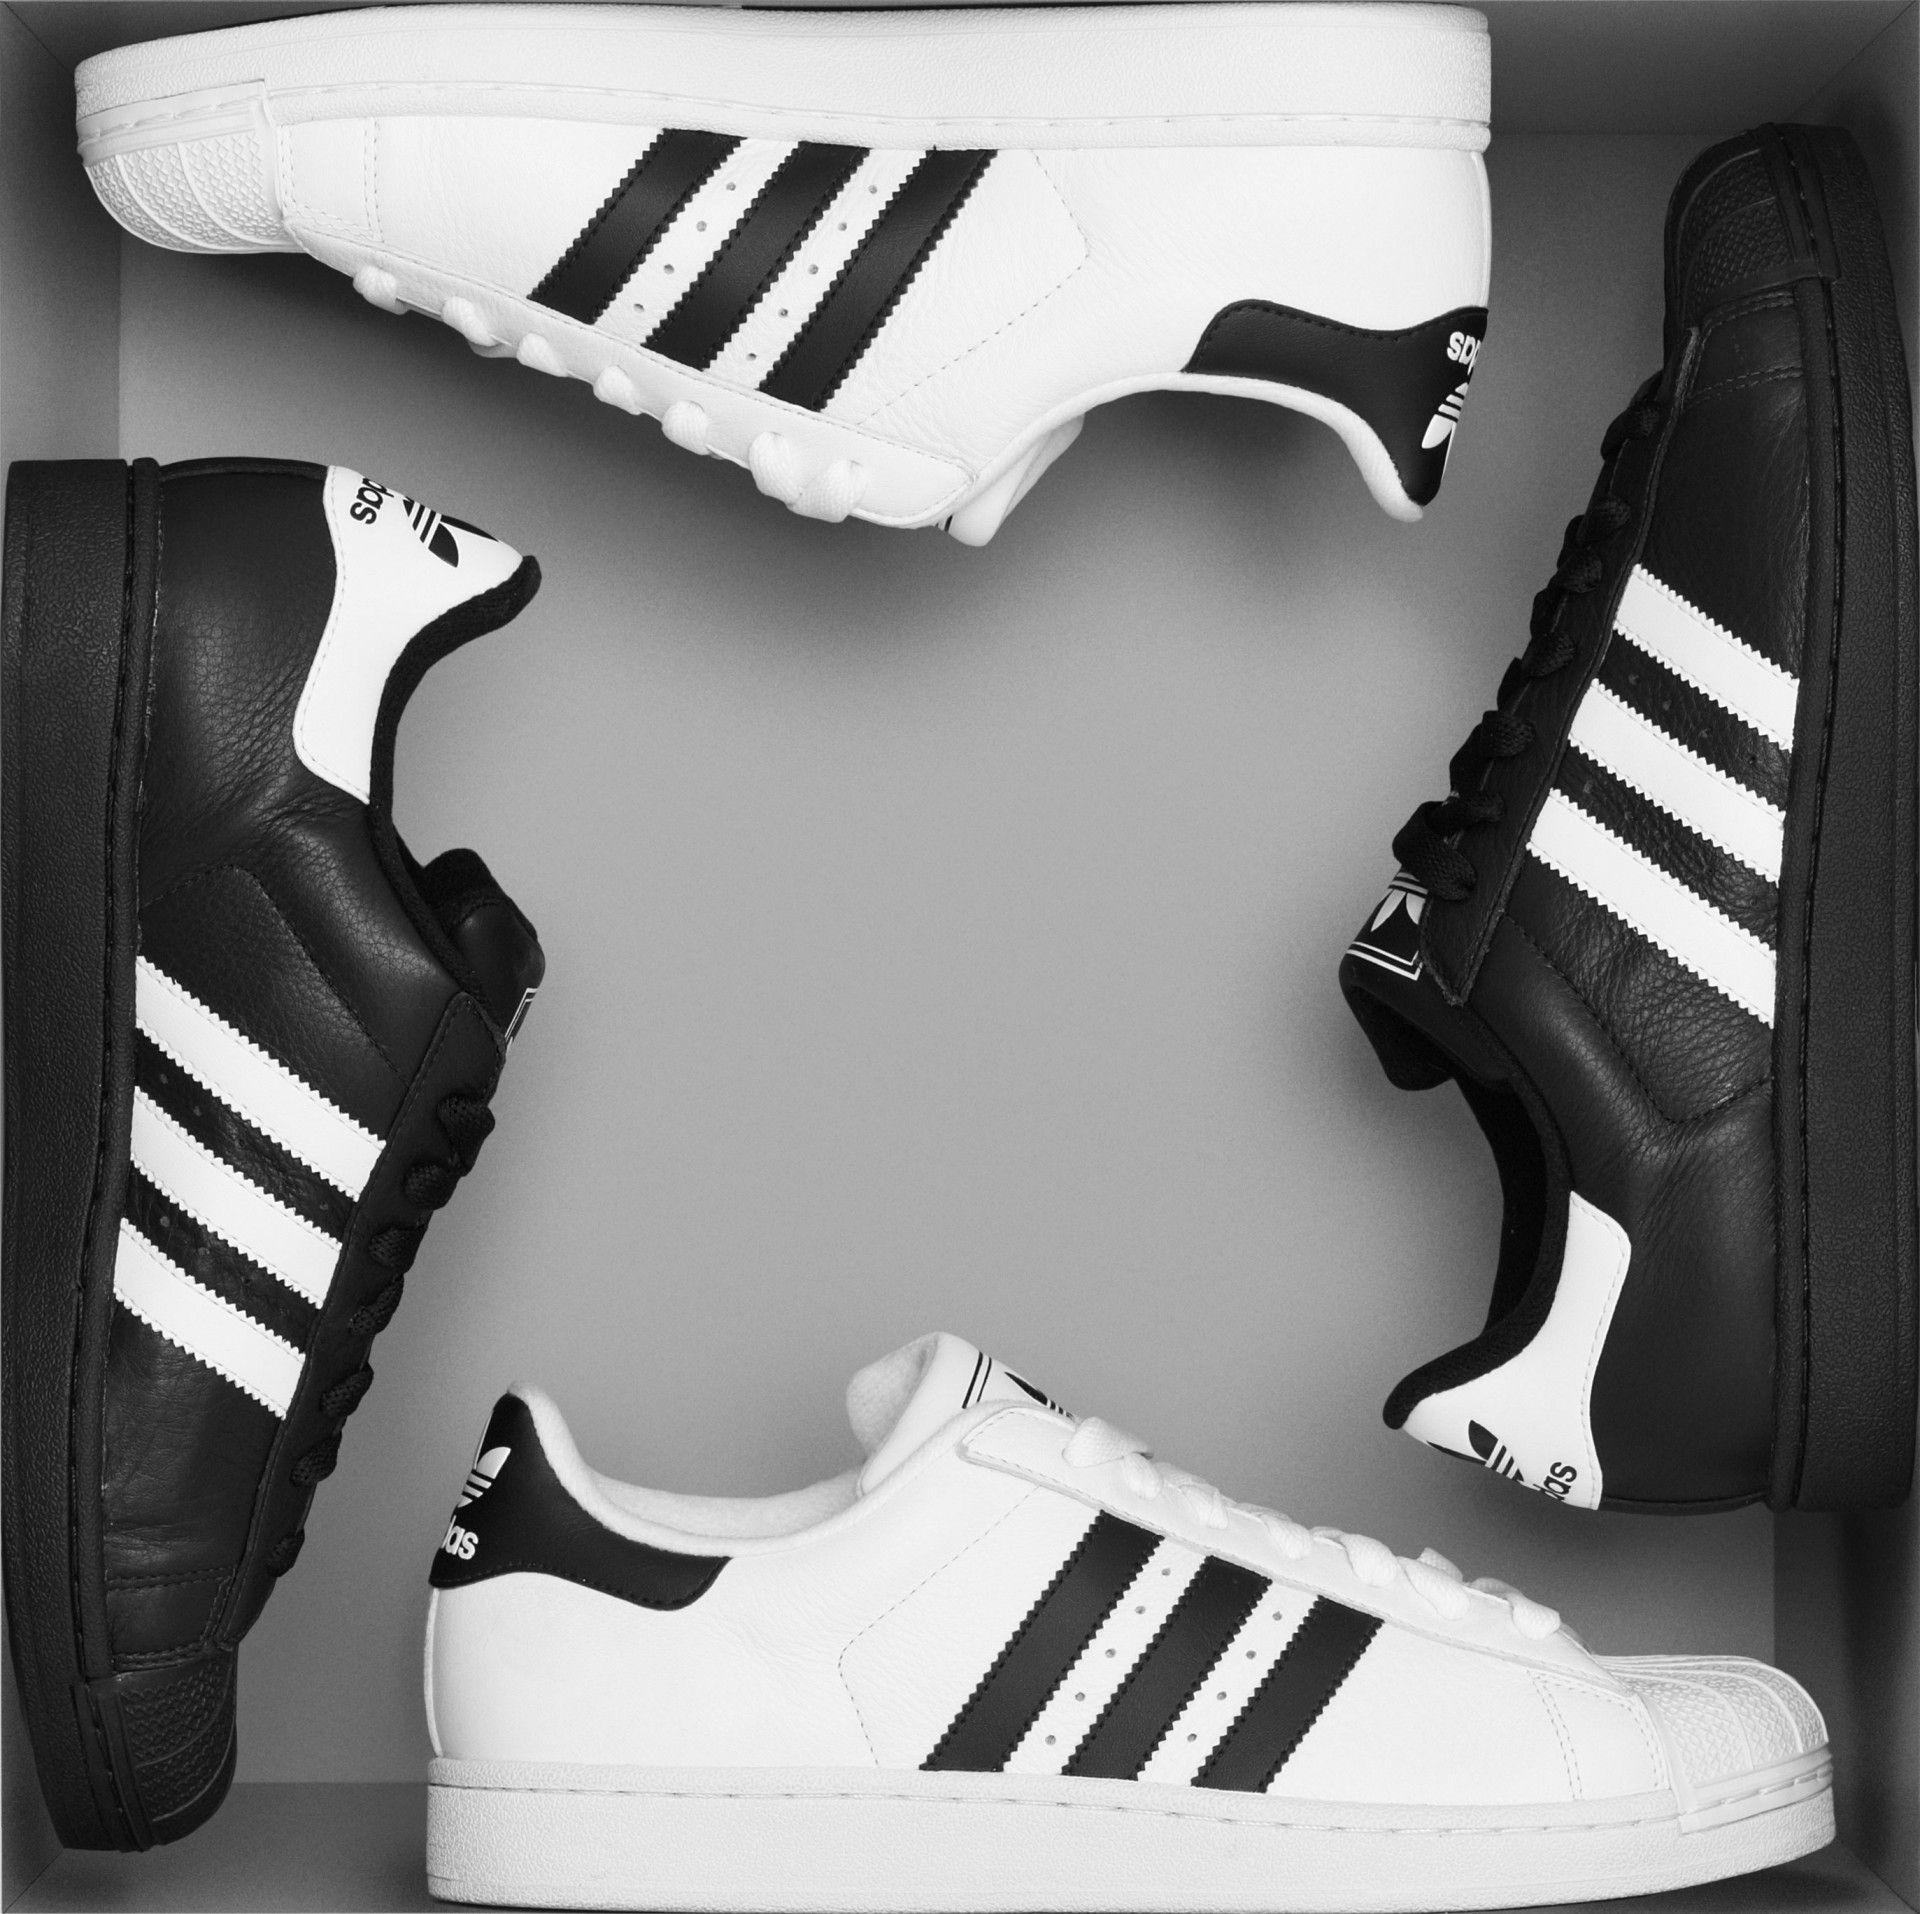 Stadium — Carl Kleiner   AD: B&W   Carl kleiner, Adidas